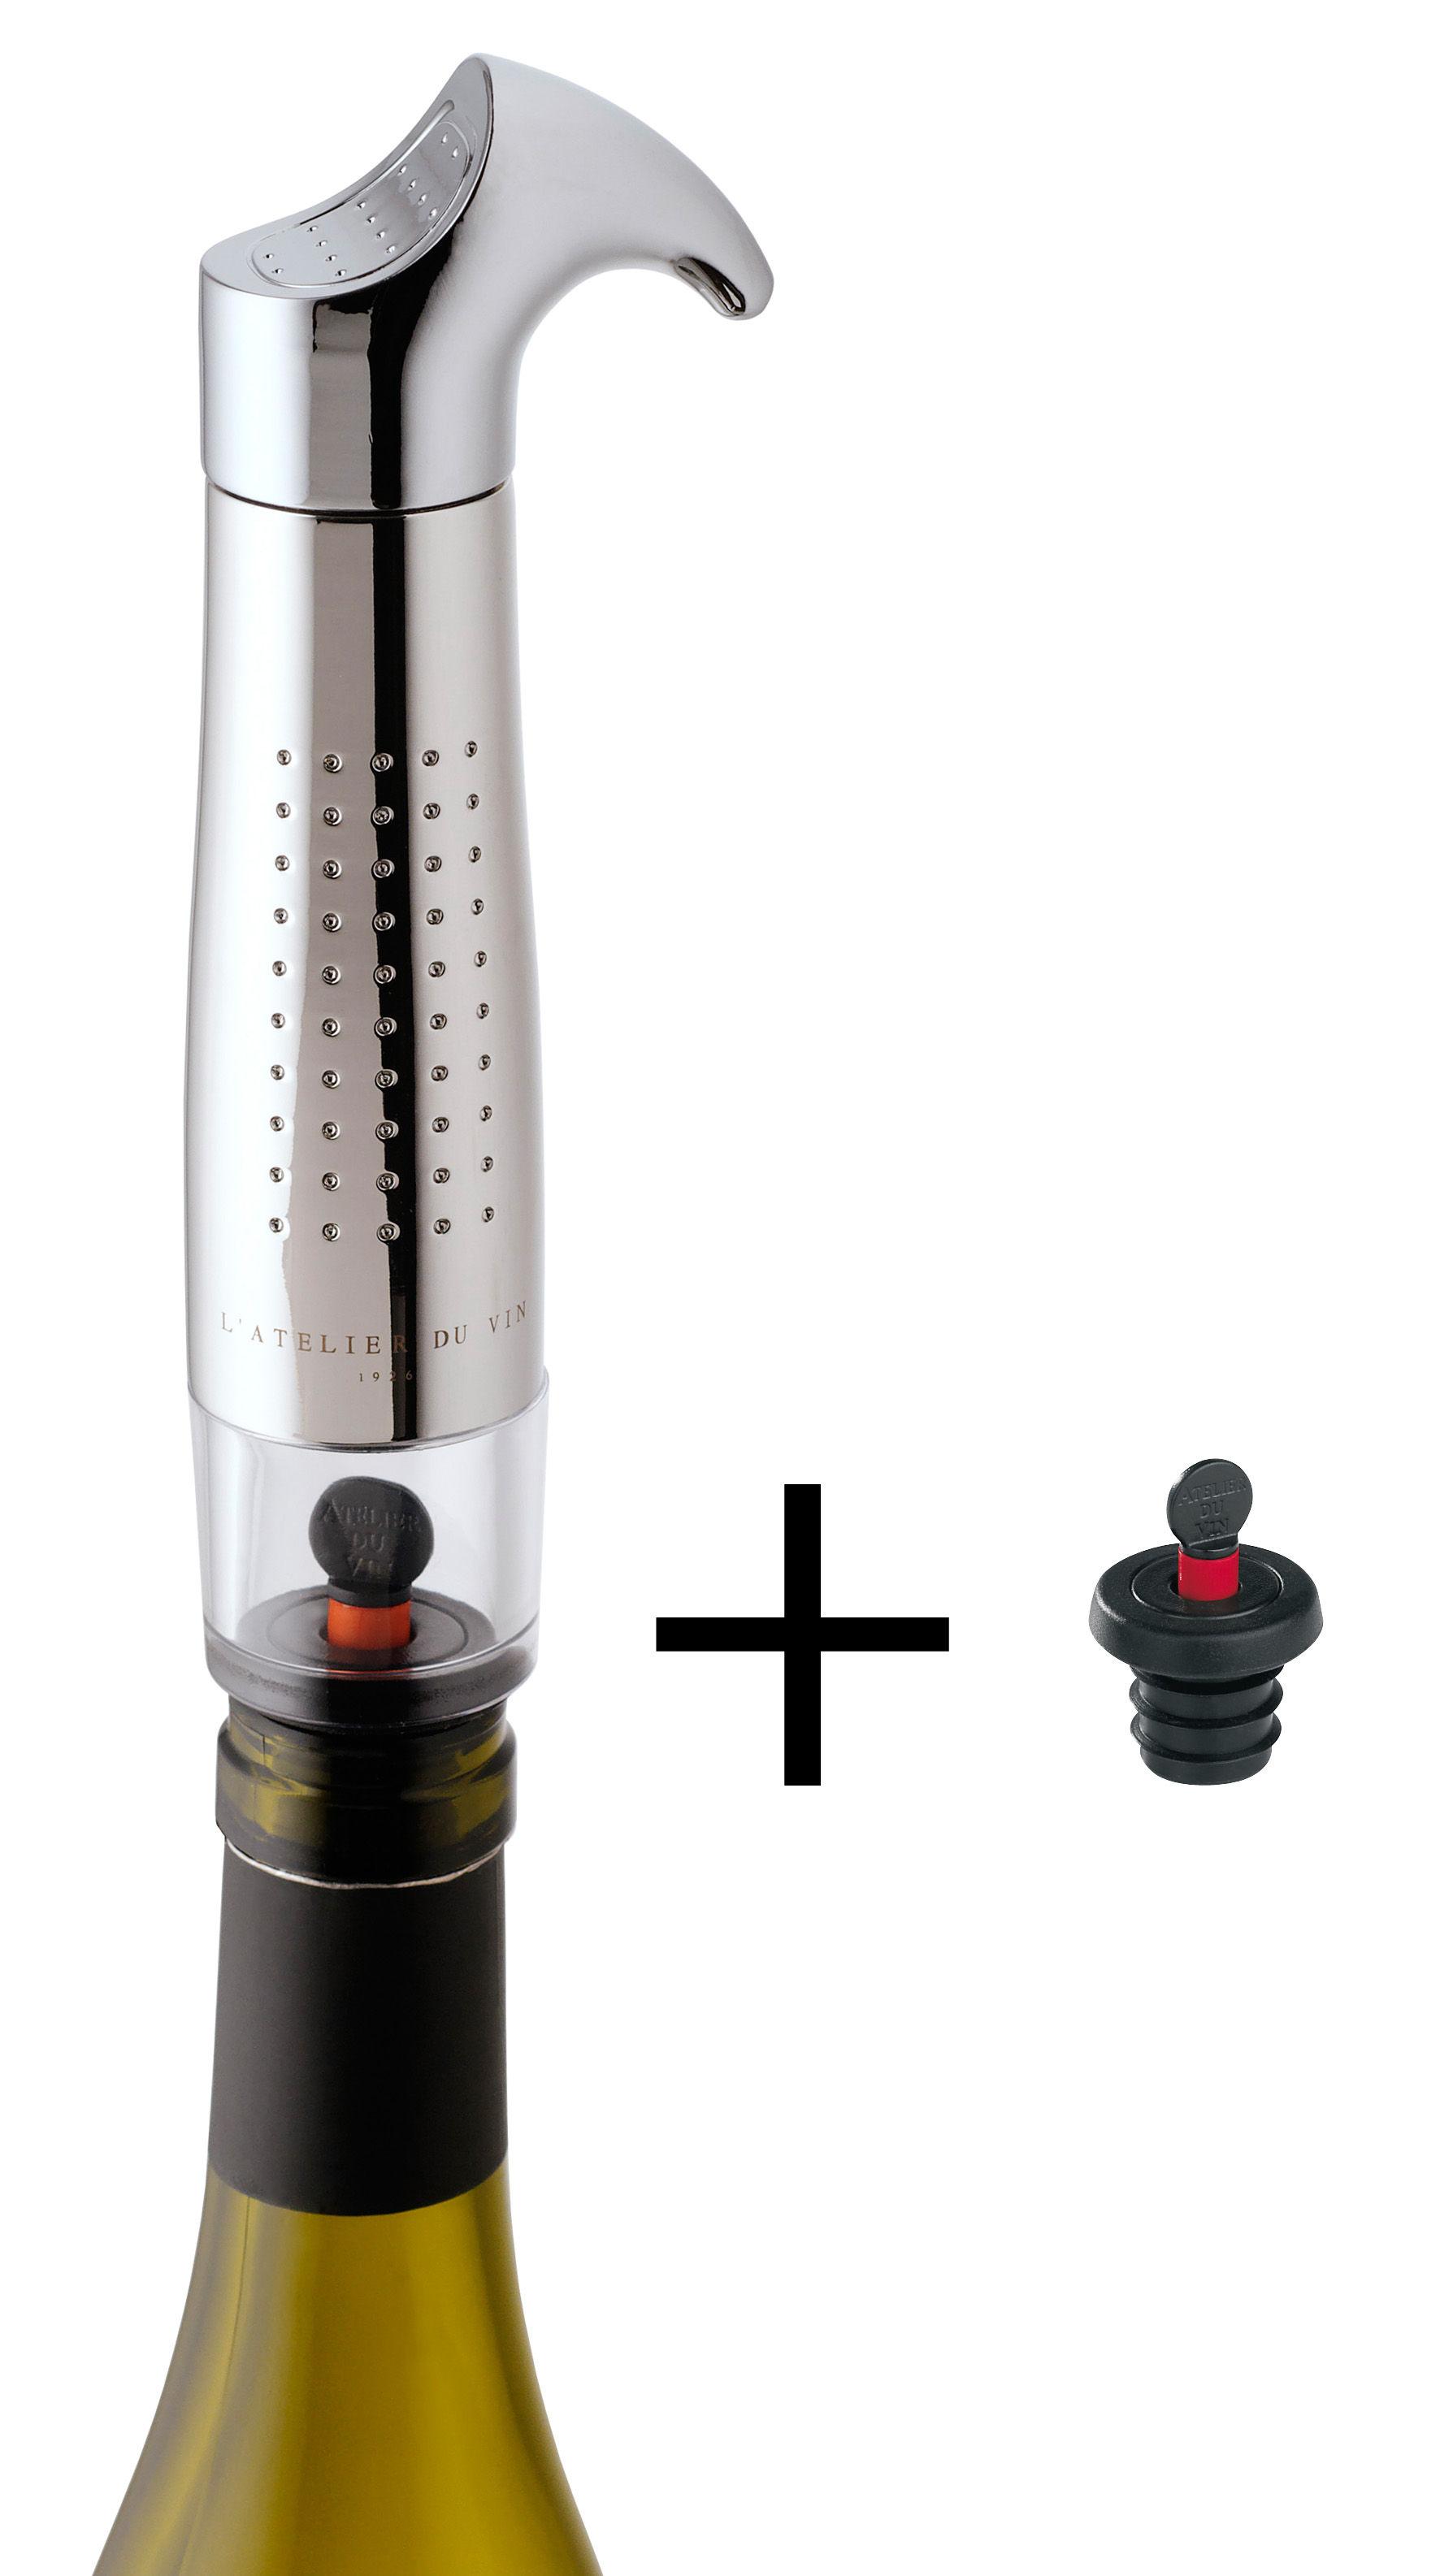 Tableware - Wine Accessories - Gard'vin On/Off Métal Air vacuum pump - Air vacuum pump (wine keeper) & 2 airtight sealers by L'Atelier du Vin - Metal - Metal, PVC